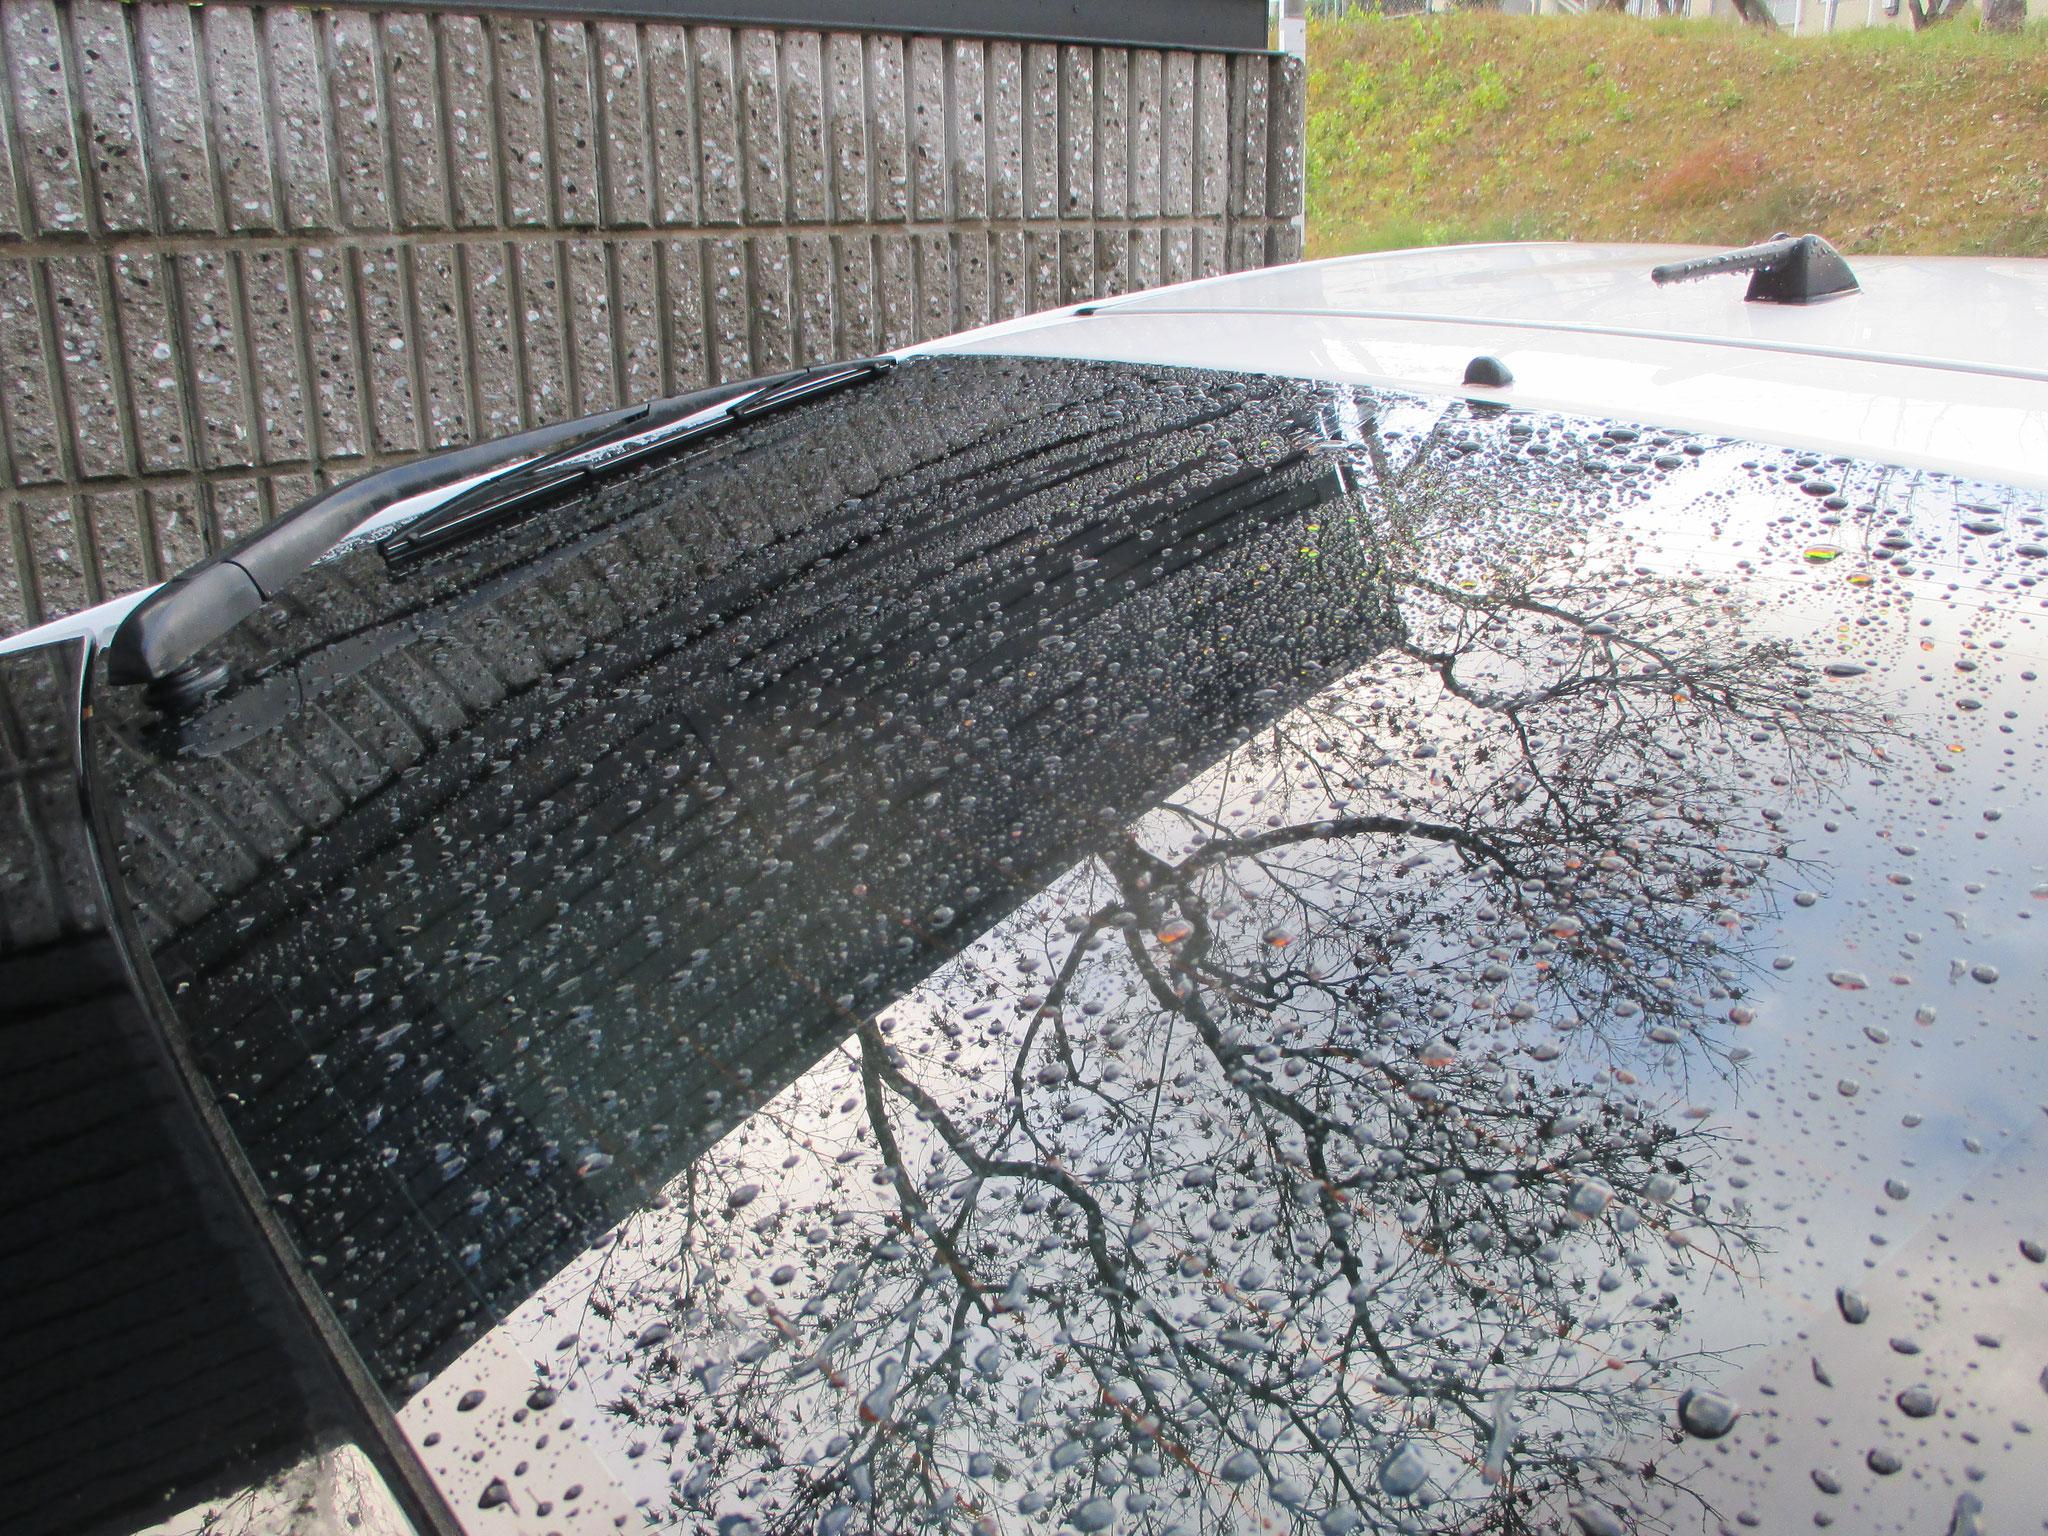 ⑤夕方雨が降り車が濡れました。夜乗車した時ワイパーを動かすと、全面ガラスがすっきりしていました。